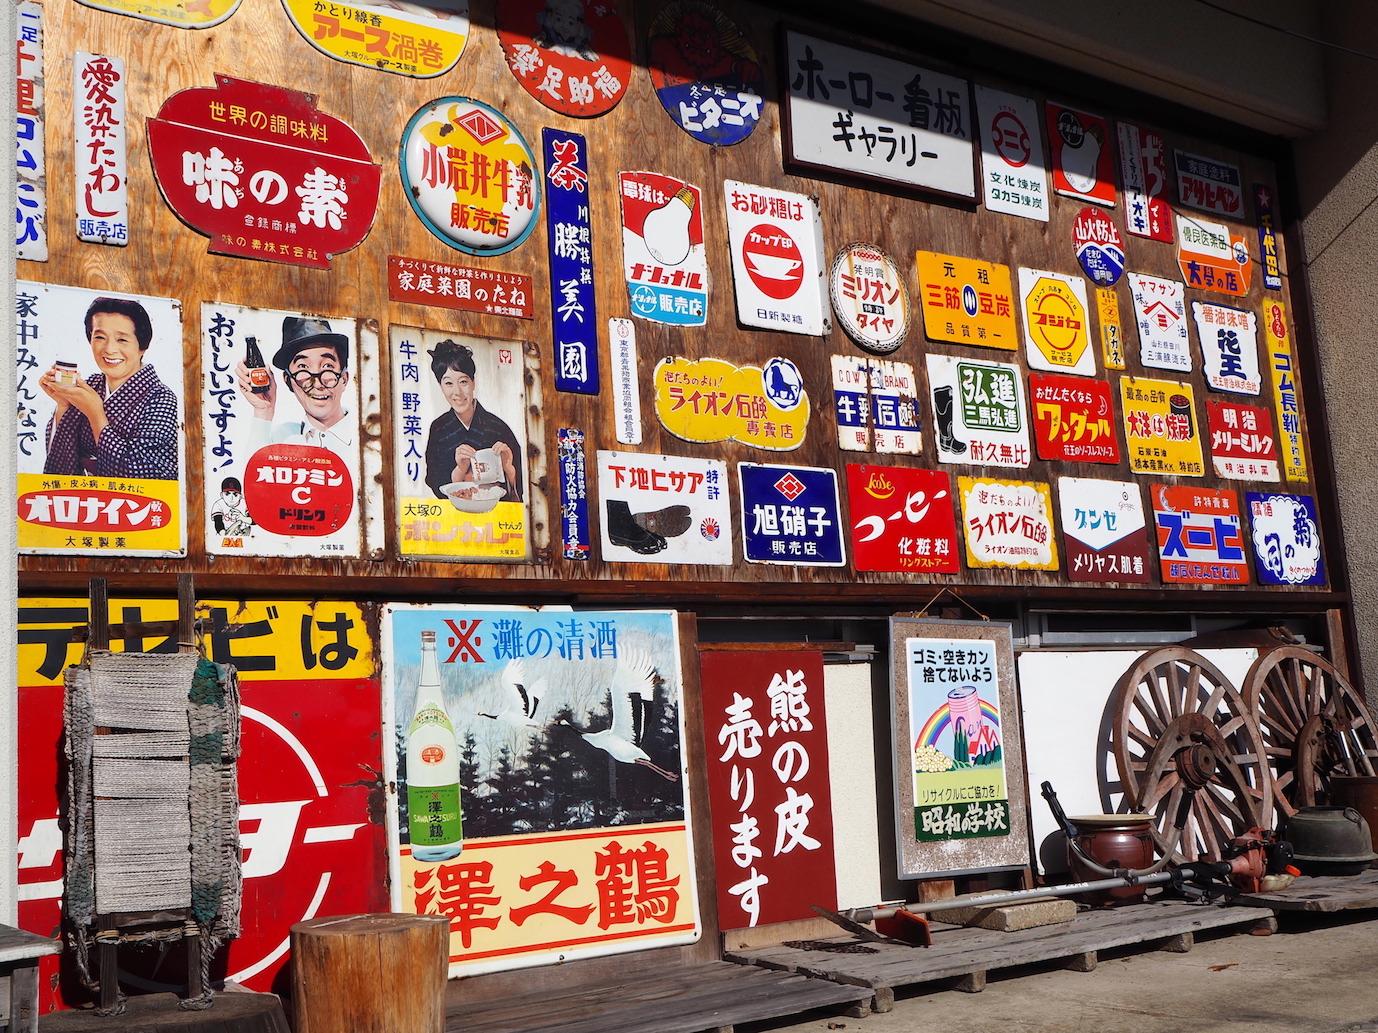 昭和」に元気をもらってまちづくりを〜NPO法人いわて・ふるさと倶楽部 ...